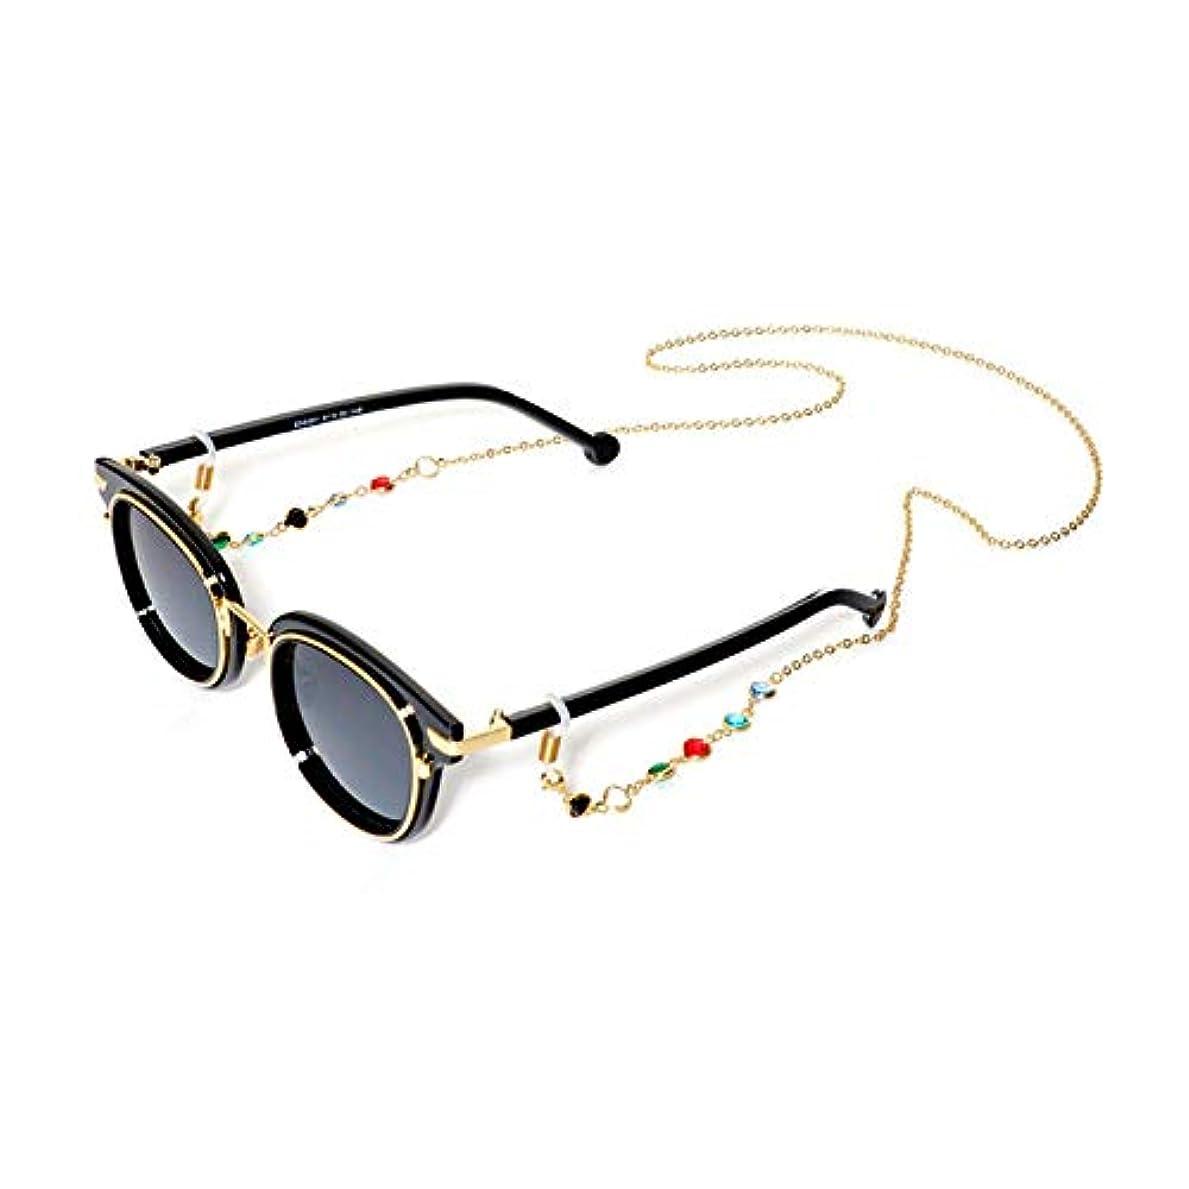 同級生鋼規制BSTOPSEL ファッションジェムメガネチェーンメガネ老眼鏡メガネメガネホルダーストラップストラップ